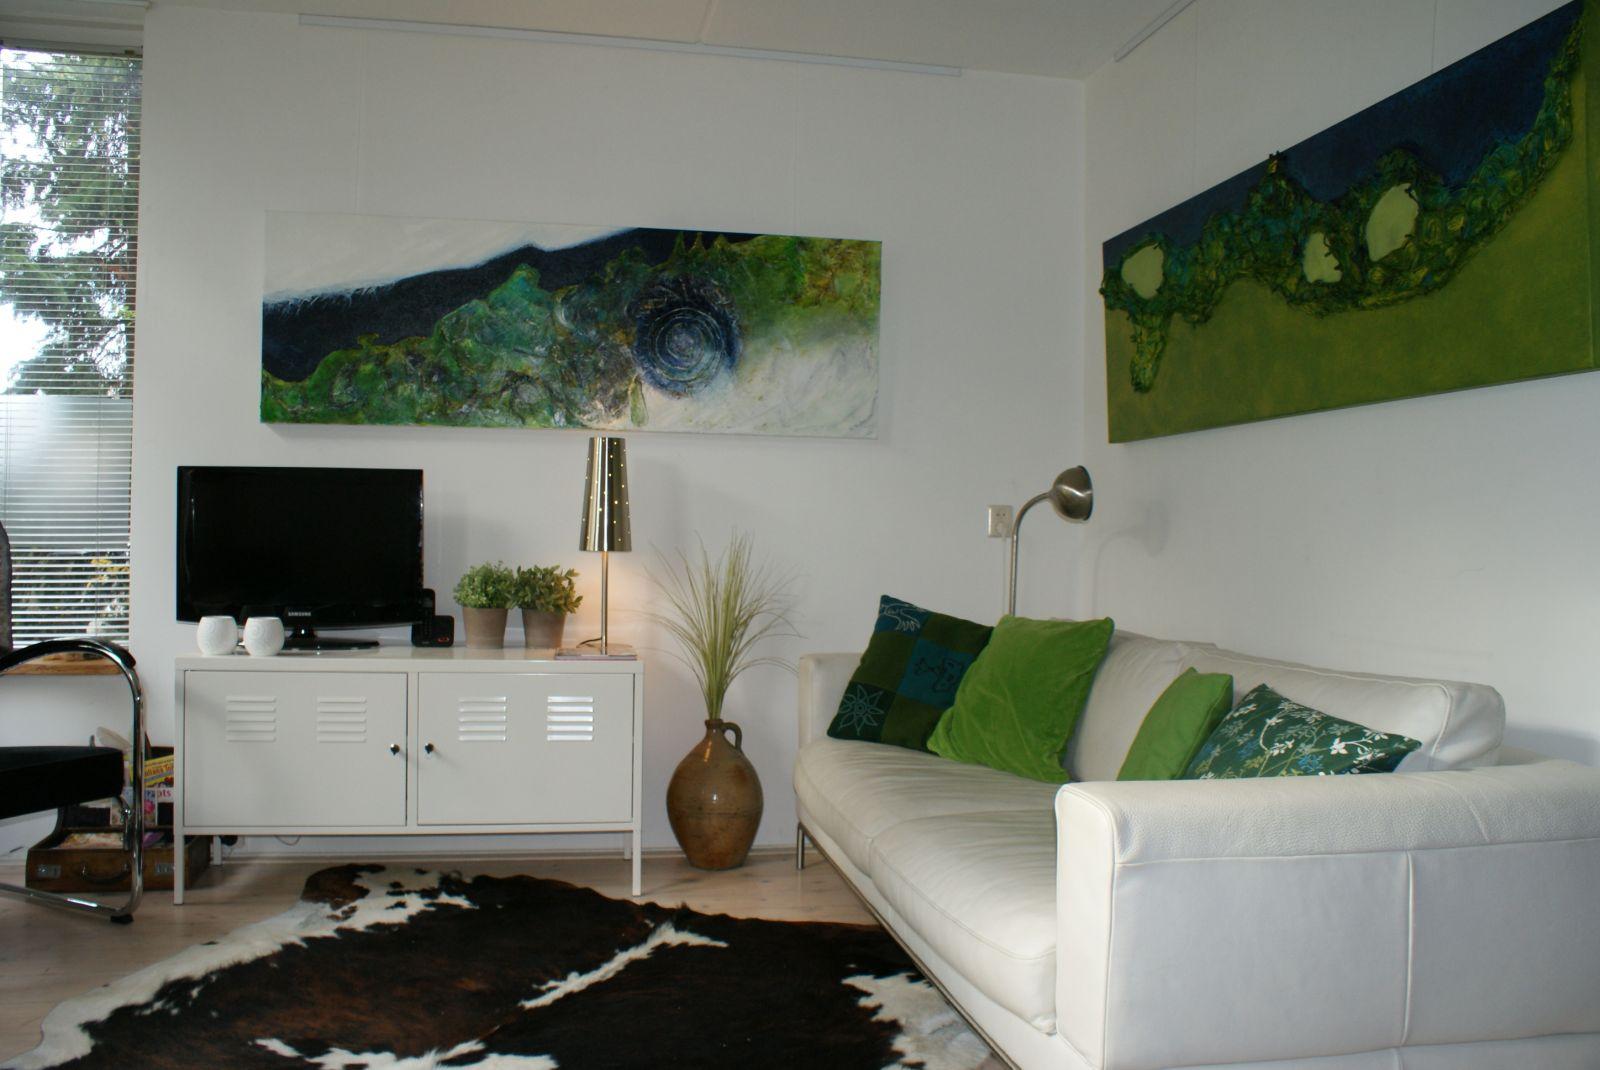 Els Vegter - Kunst in huis en bedrijf